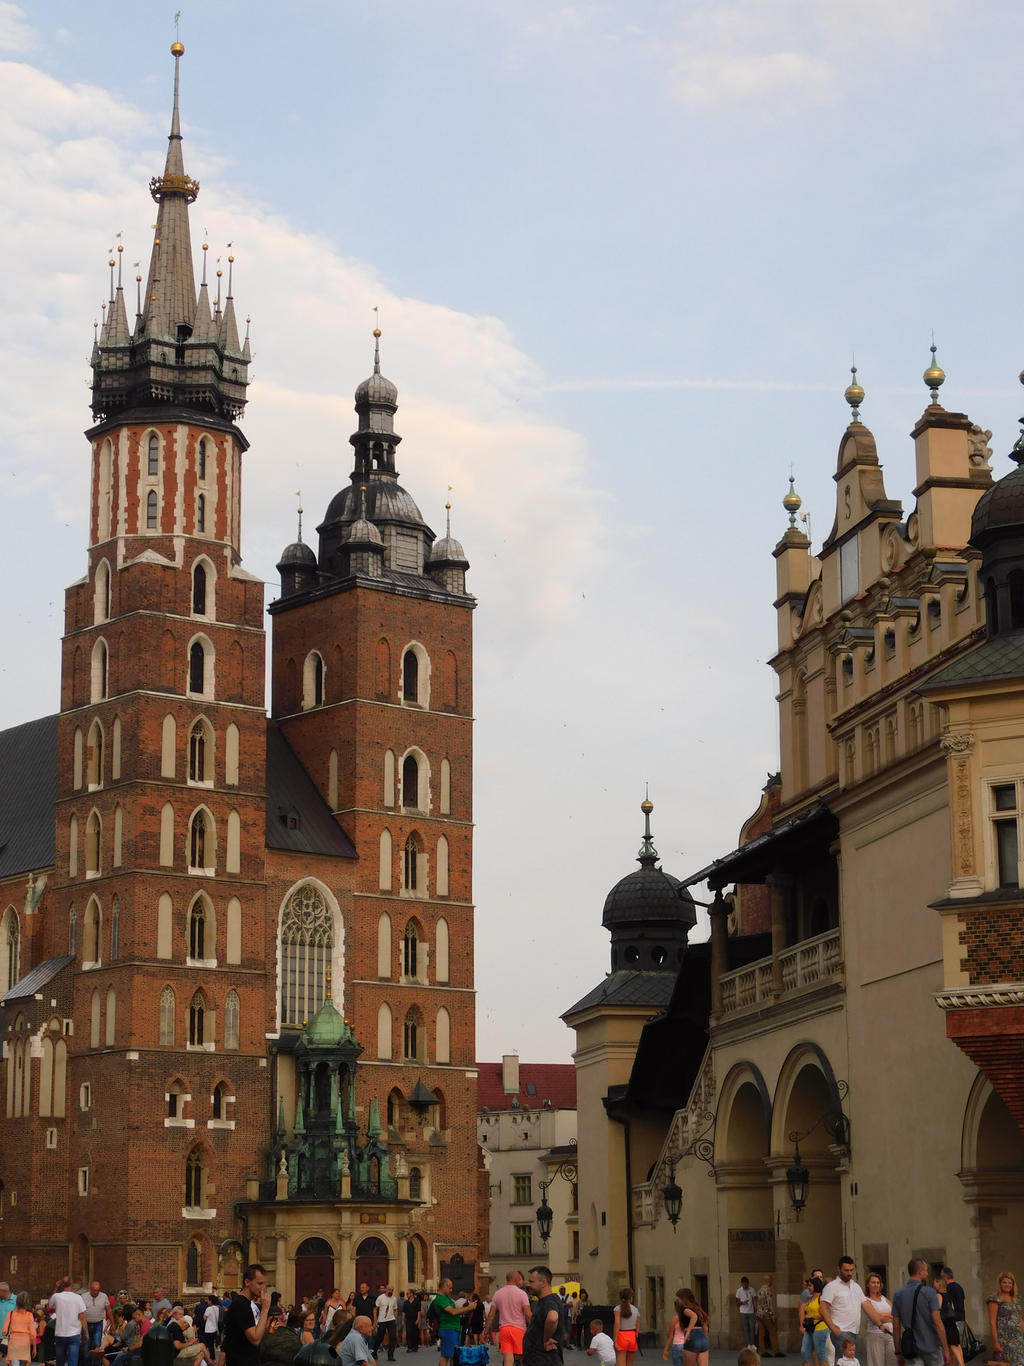 Krakow!